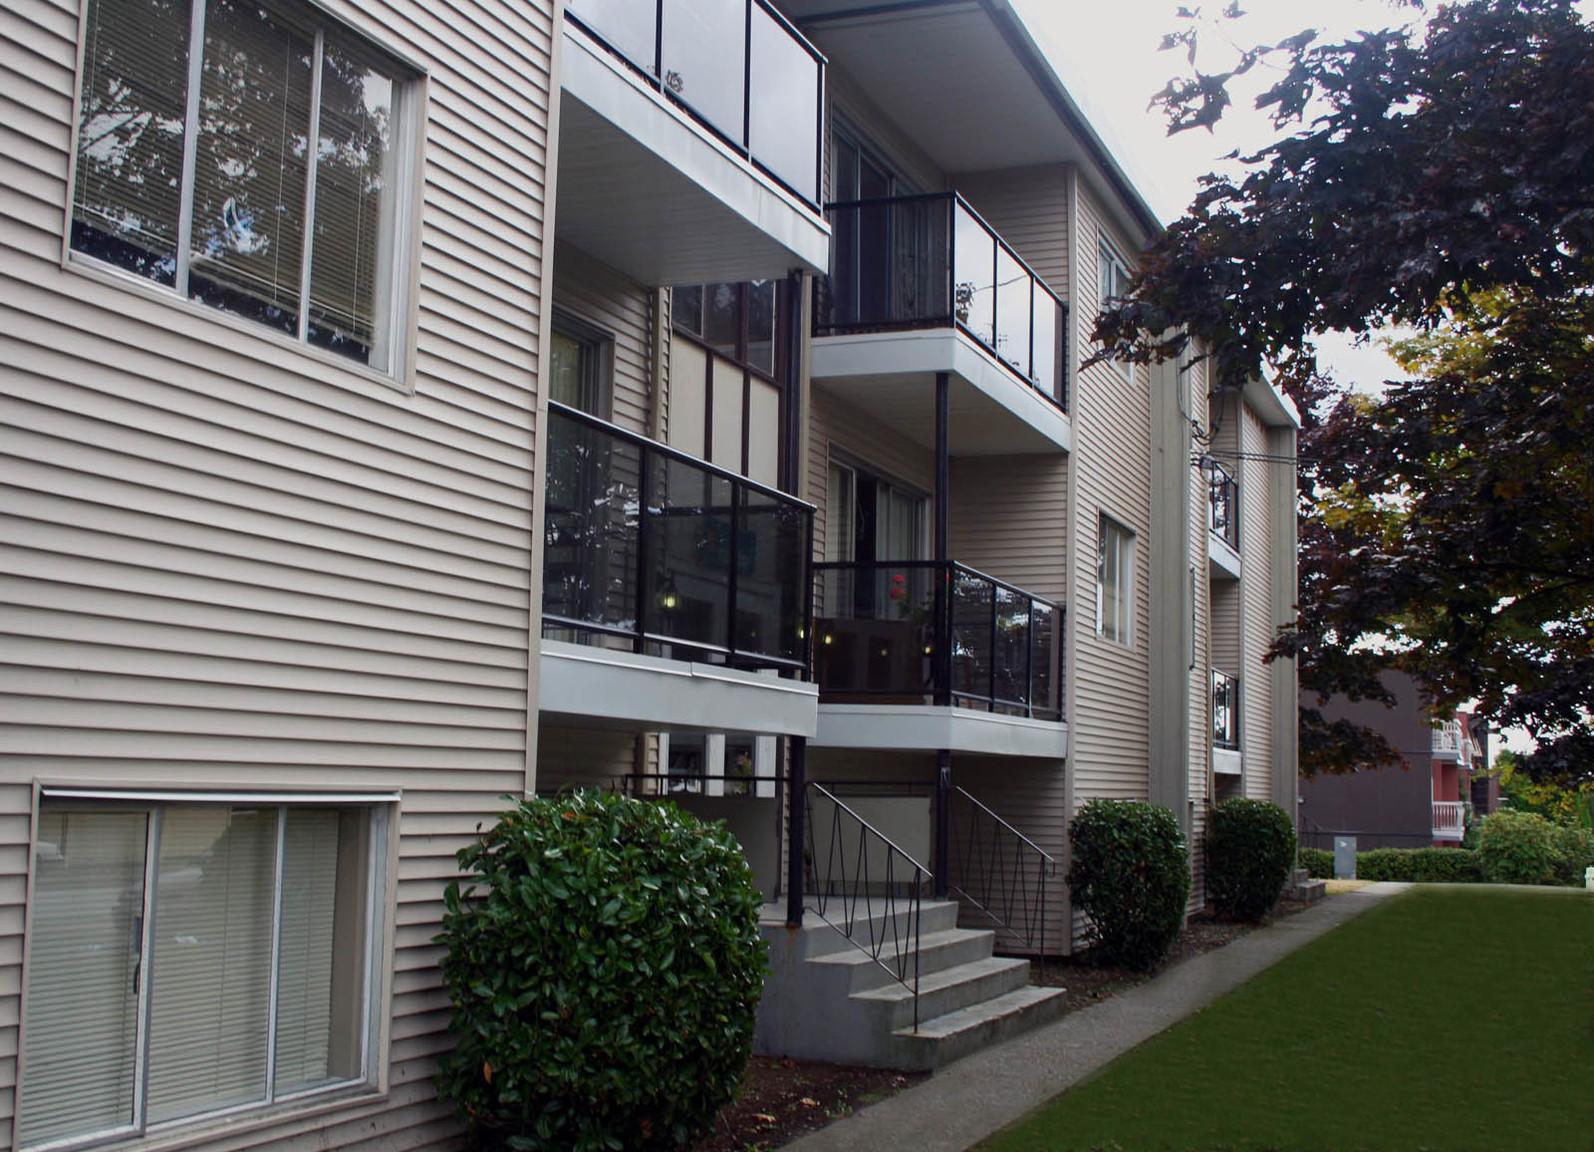 12751 103 Avenue, Surrey, BC - $1,250 CAD/ month